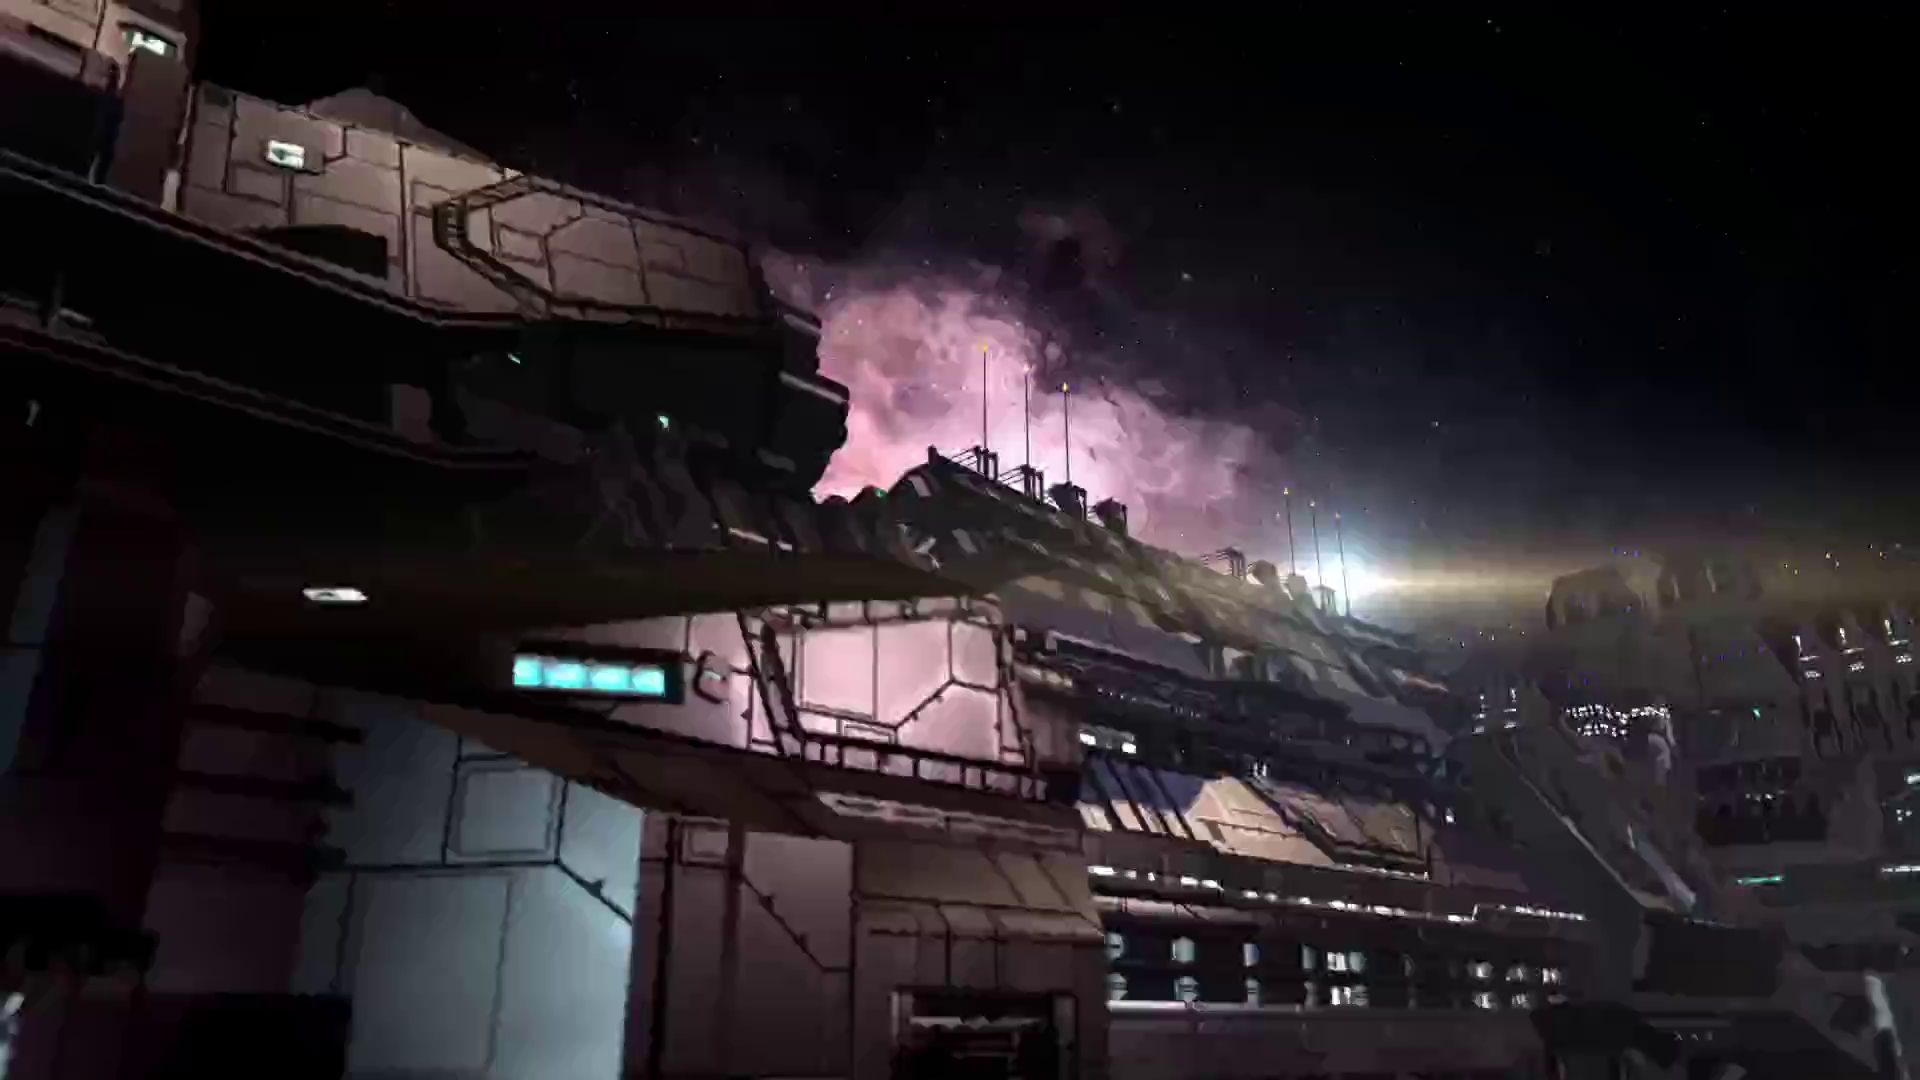 InterPlanet - Game phiêu 3D bối cảnh không gian giả tưởng cực lôi cuốn - ảnh 2